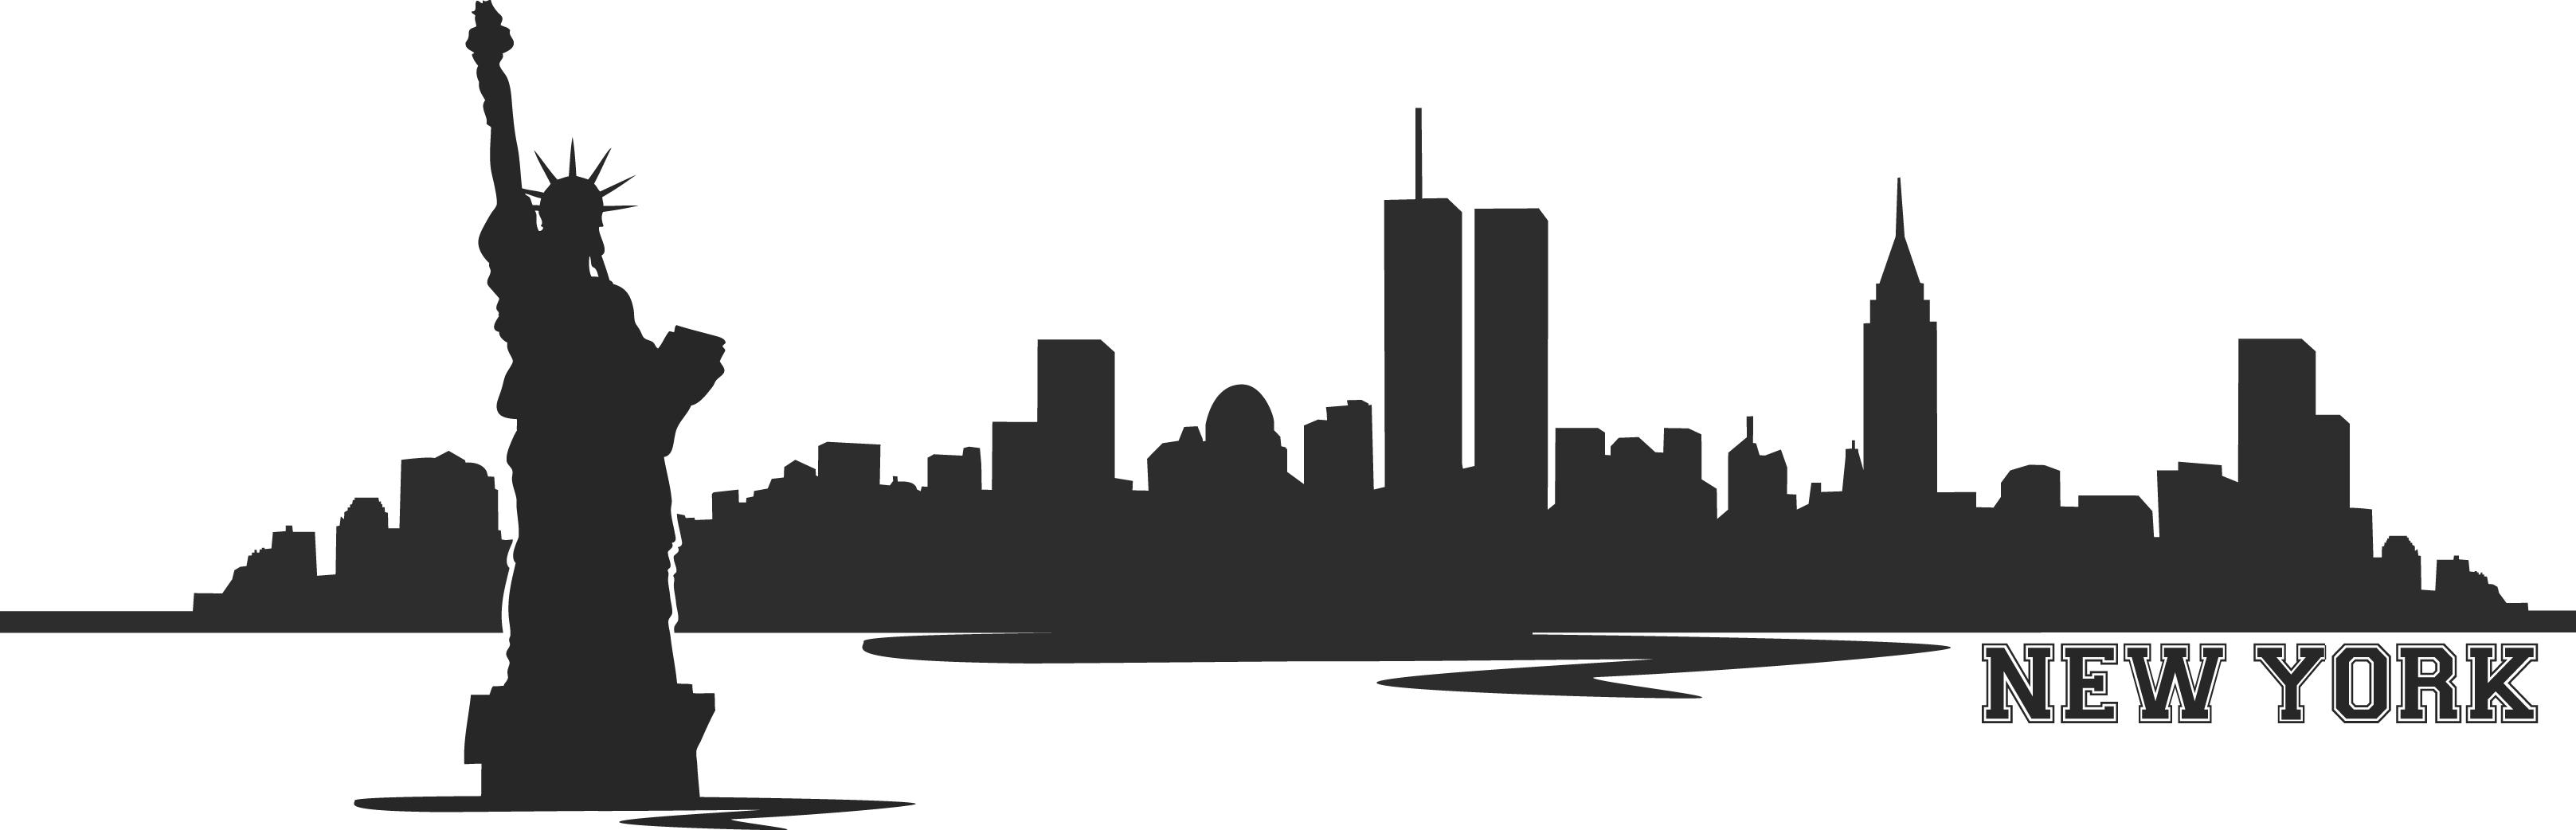 New York clipart New York Art Flag Skyline